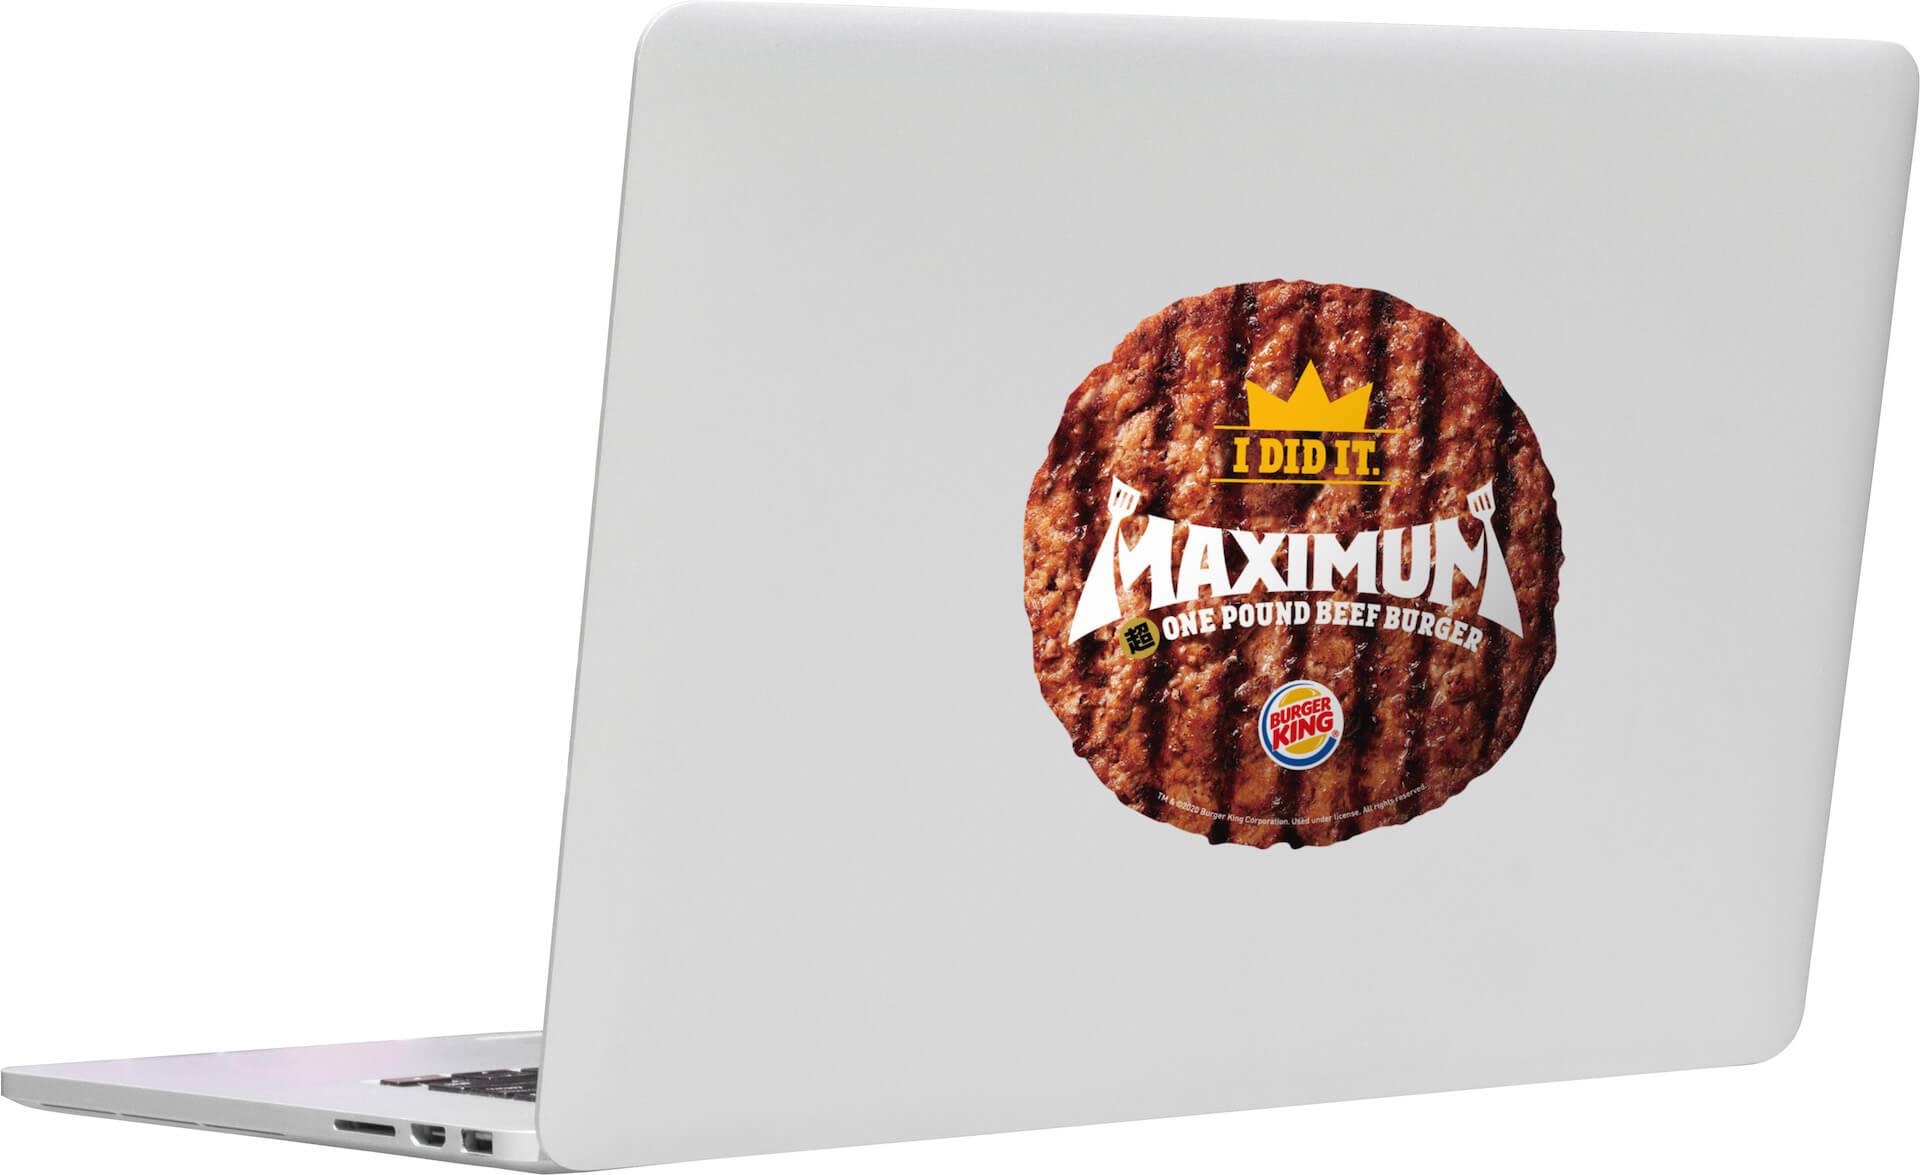 バーガーキングの人気シリーズ・ワンパウンドビーフバーガーが超パワーアップ!総重量607gの『マキシマム超ワンパウンドビーフバーガー』が数量限定発売 gourmet200721_burgerking_3